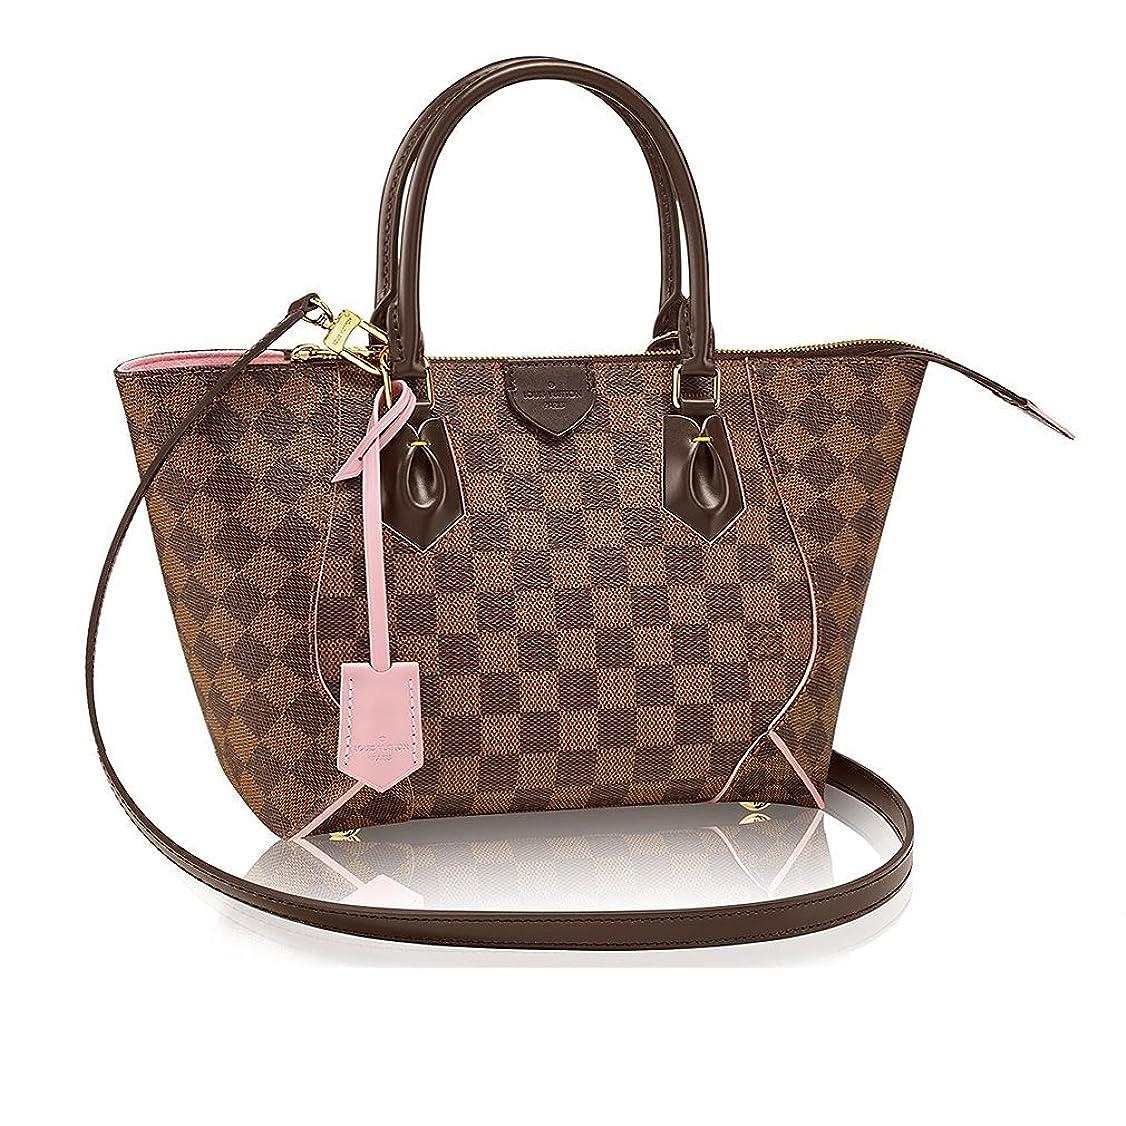 立ち寄る証拠強風Louis Vuitton レディース US サイズ: Size: 34.0 x 18.0 x 12.0 cm